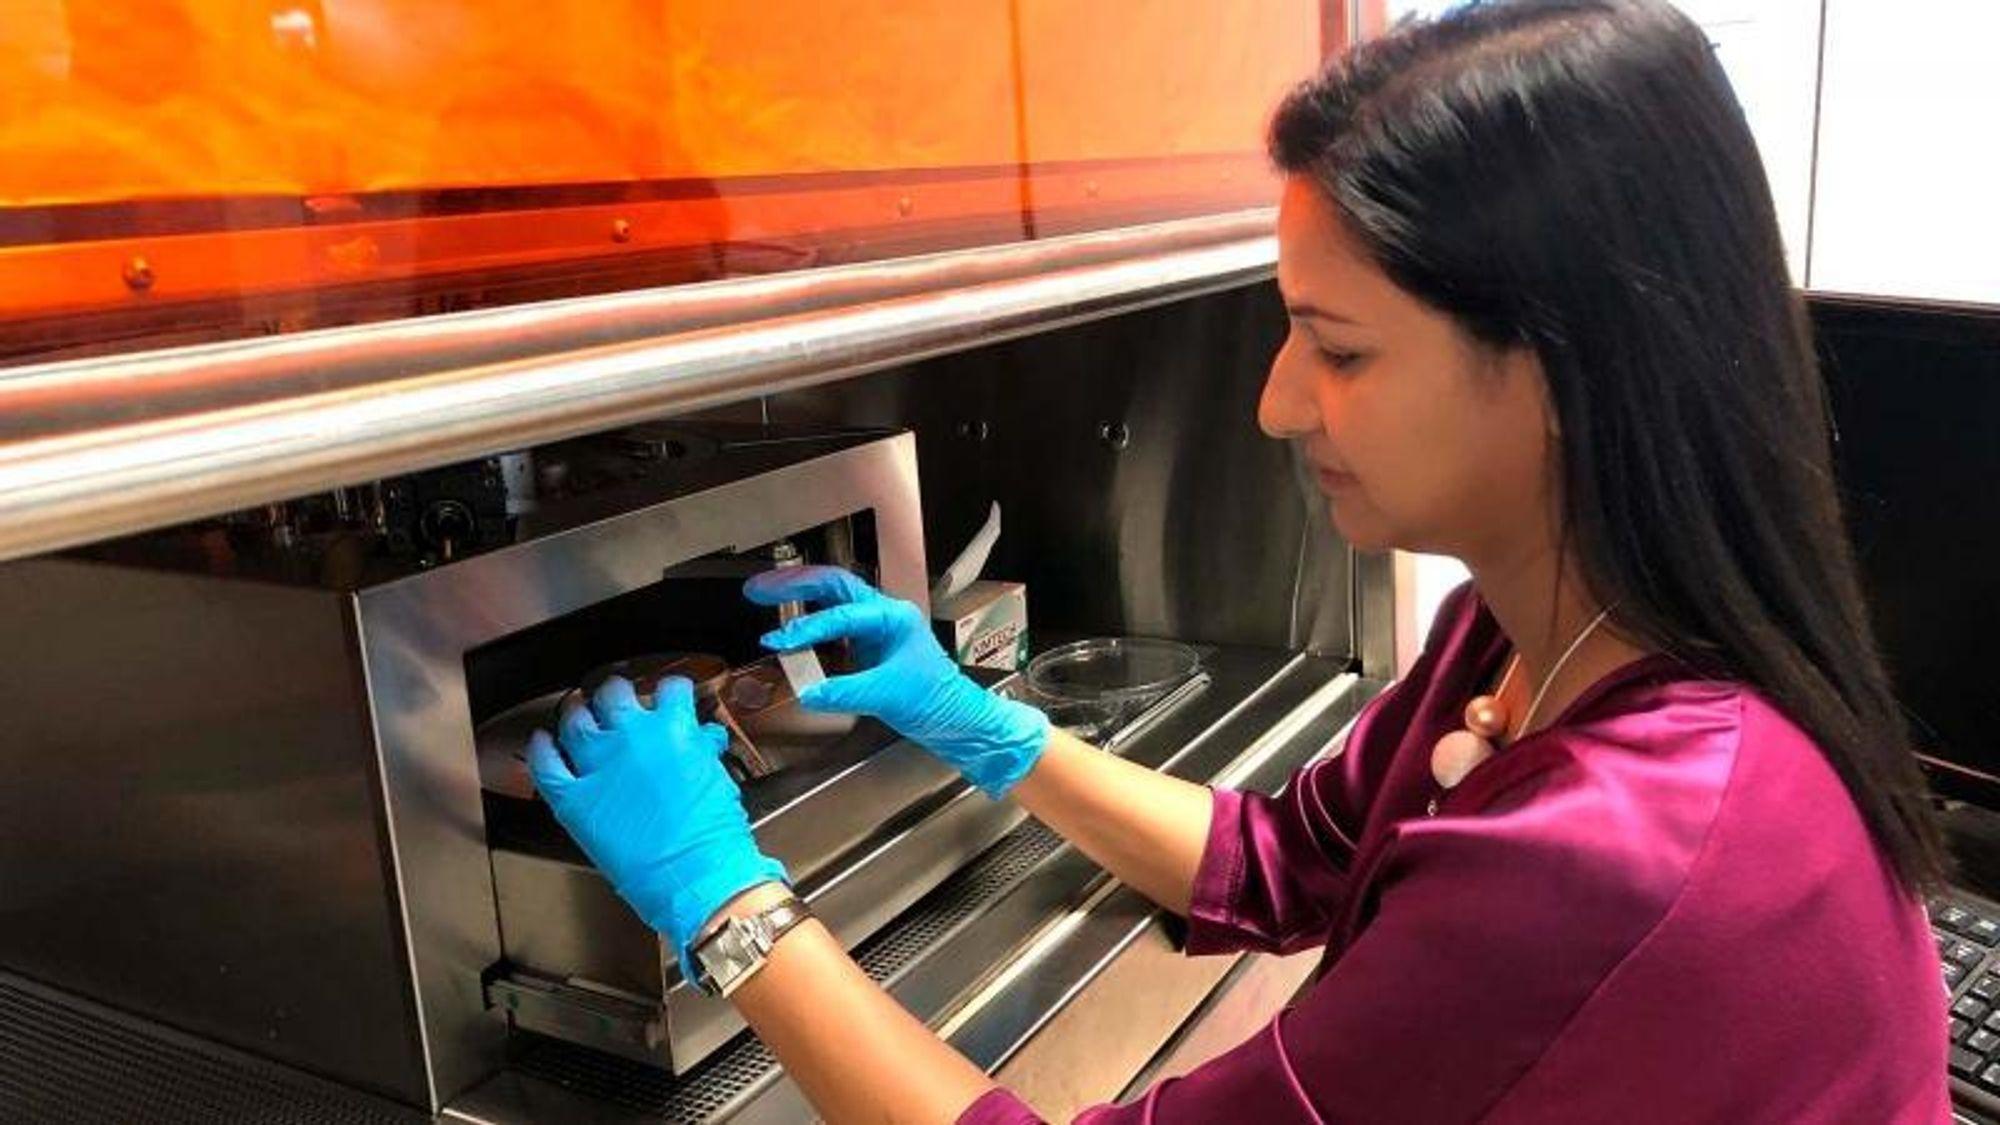 Shweta Agarwala er lektor ved Institut for Ingeniørvidenskab på Aarhus Universitet, og jobber med å kombinere elektronikk og biologi innen det eksperimenterende forskningsfeltet bioelektronikk.